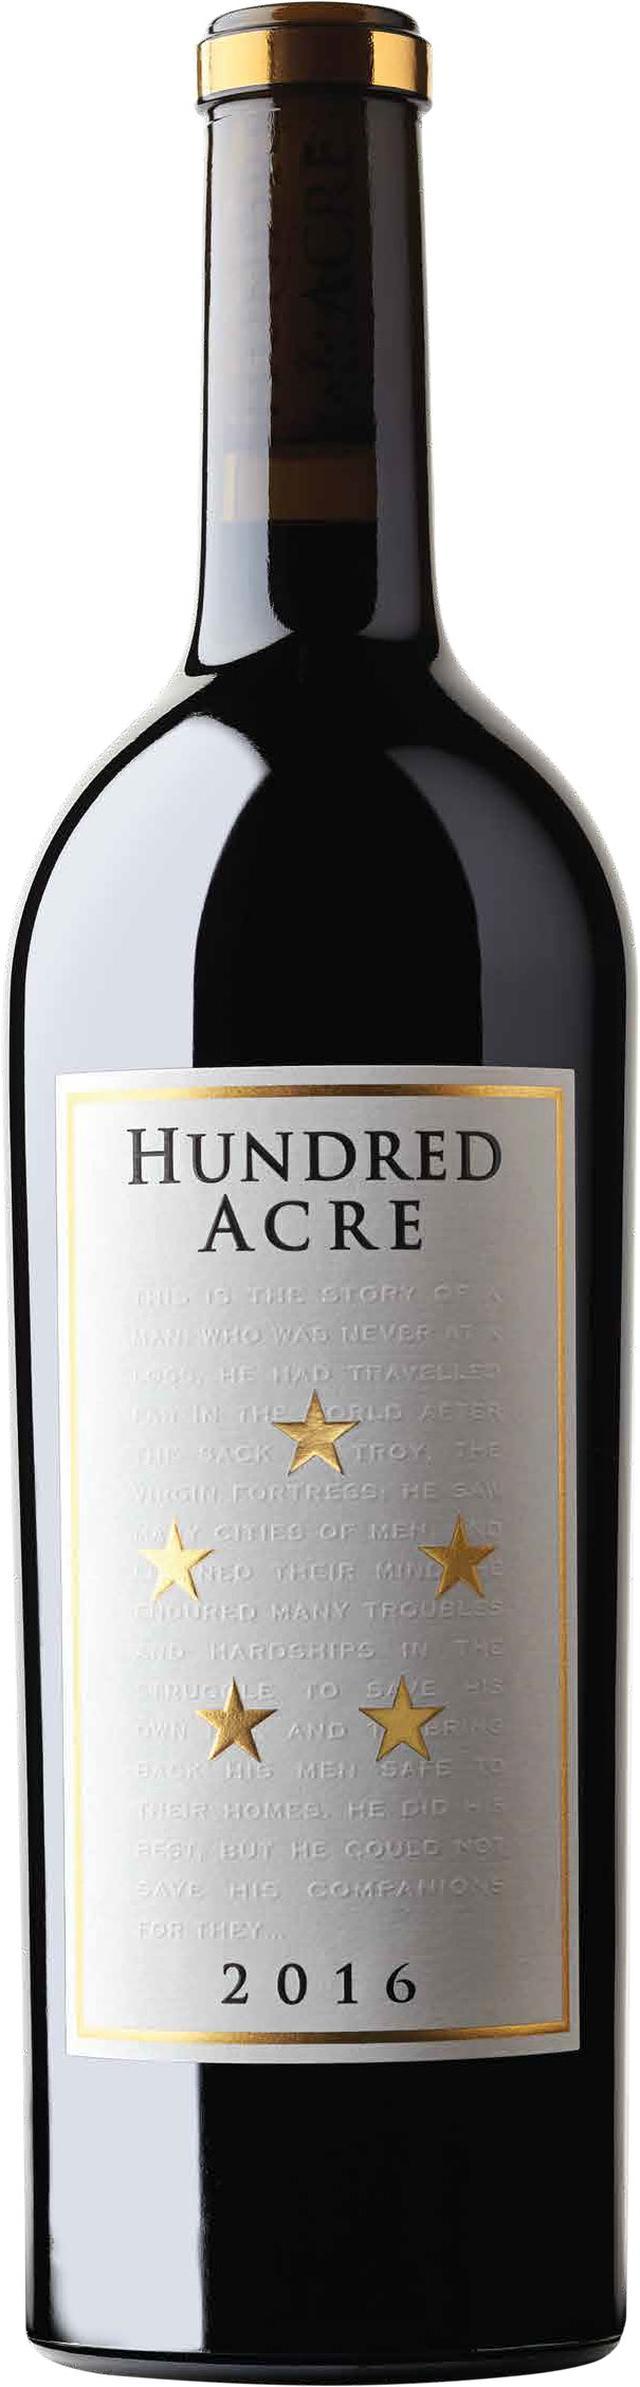 画像: アメリカの最高峰ワイン『ハンドレッド・エーカー』